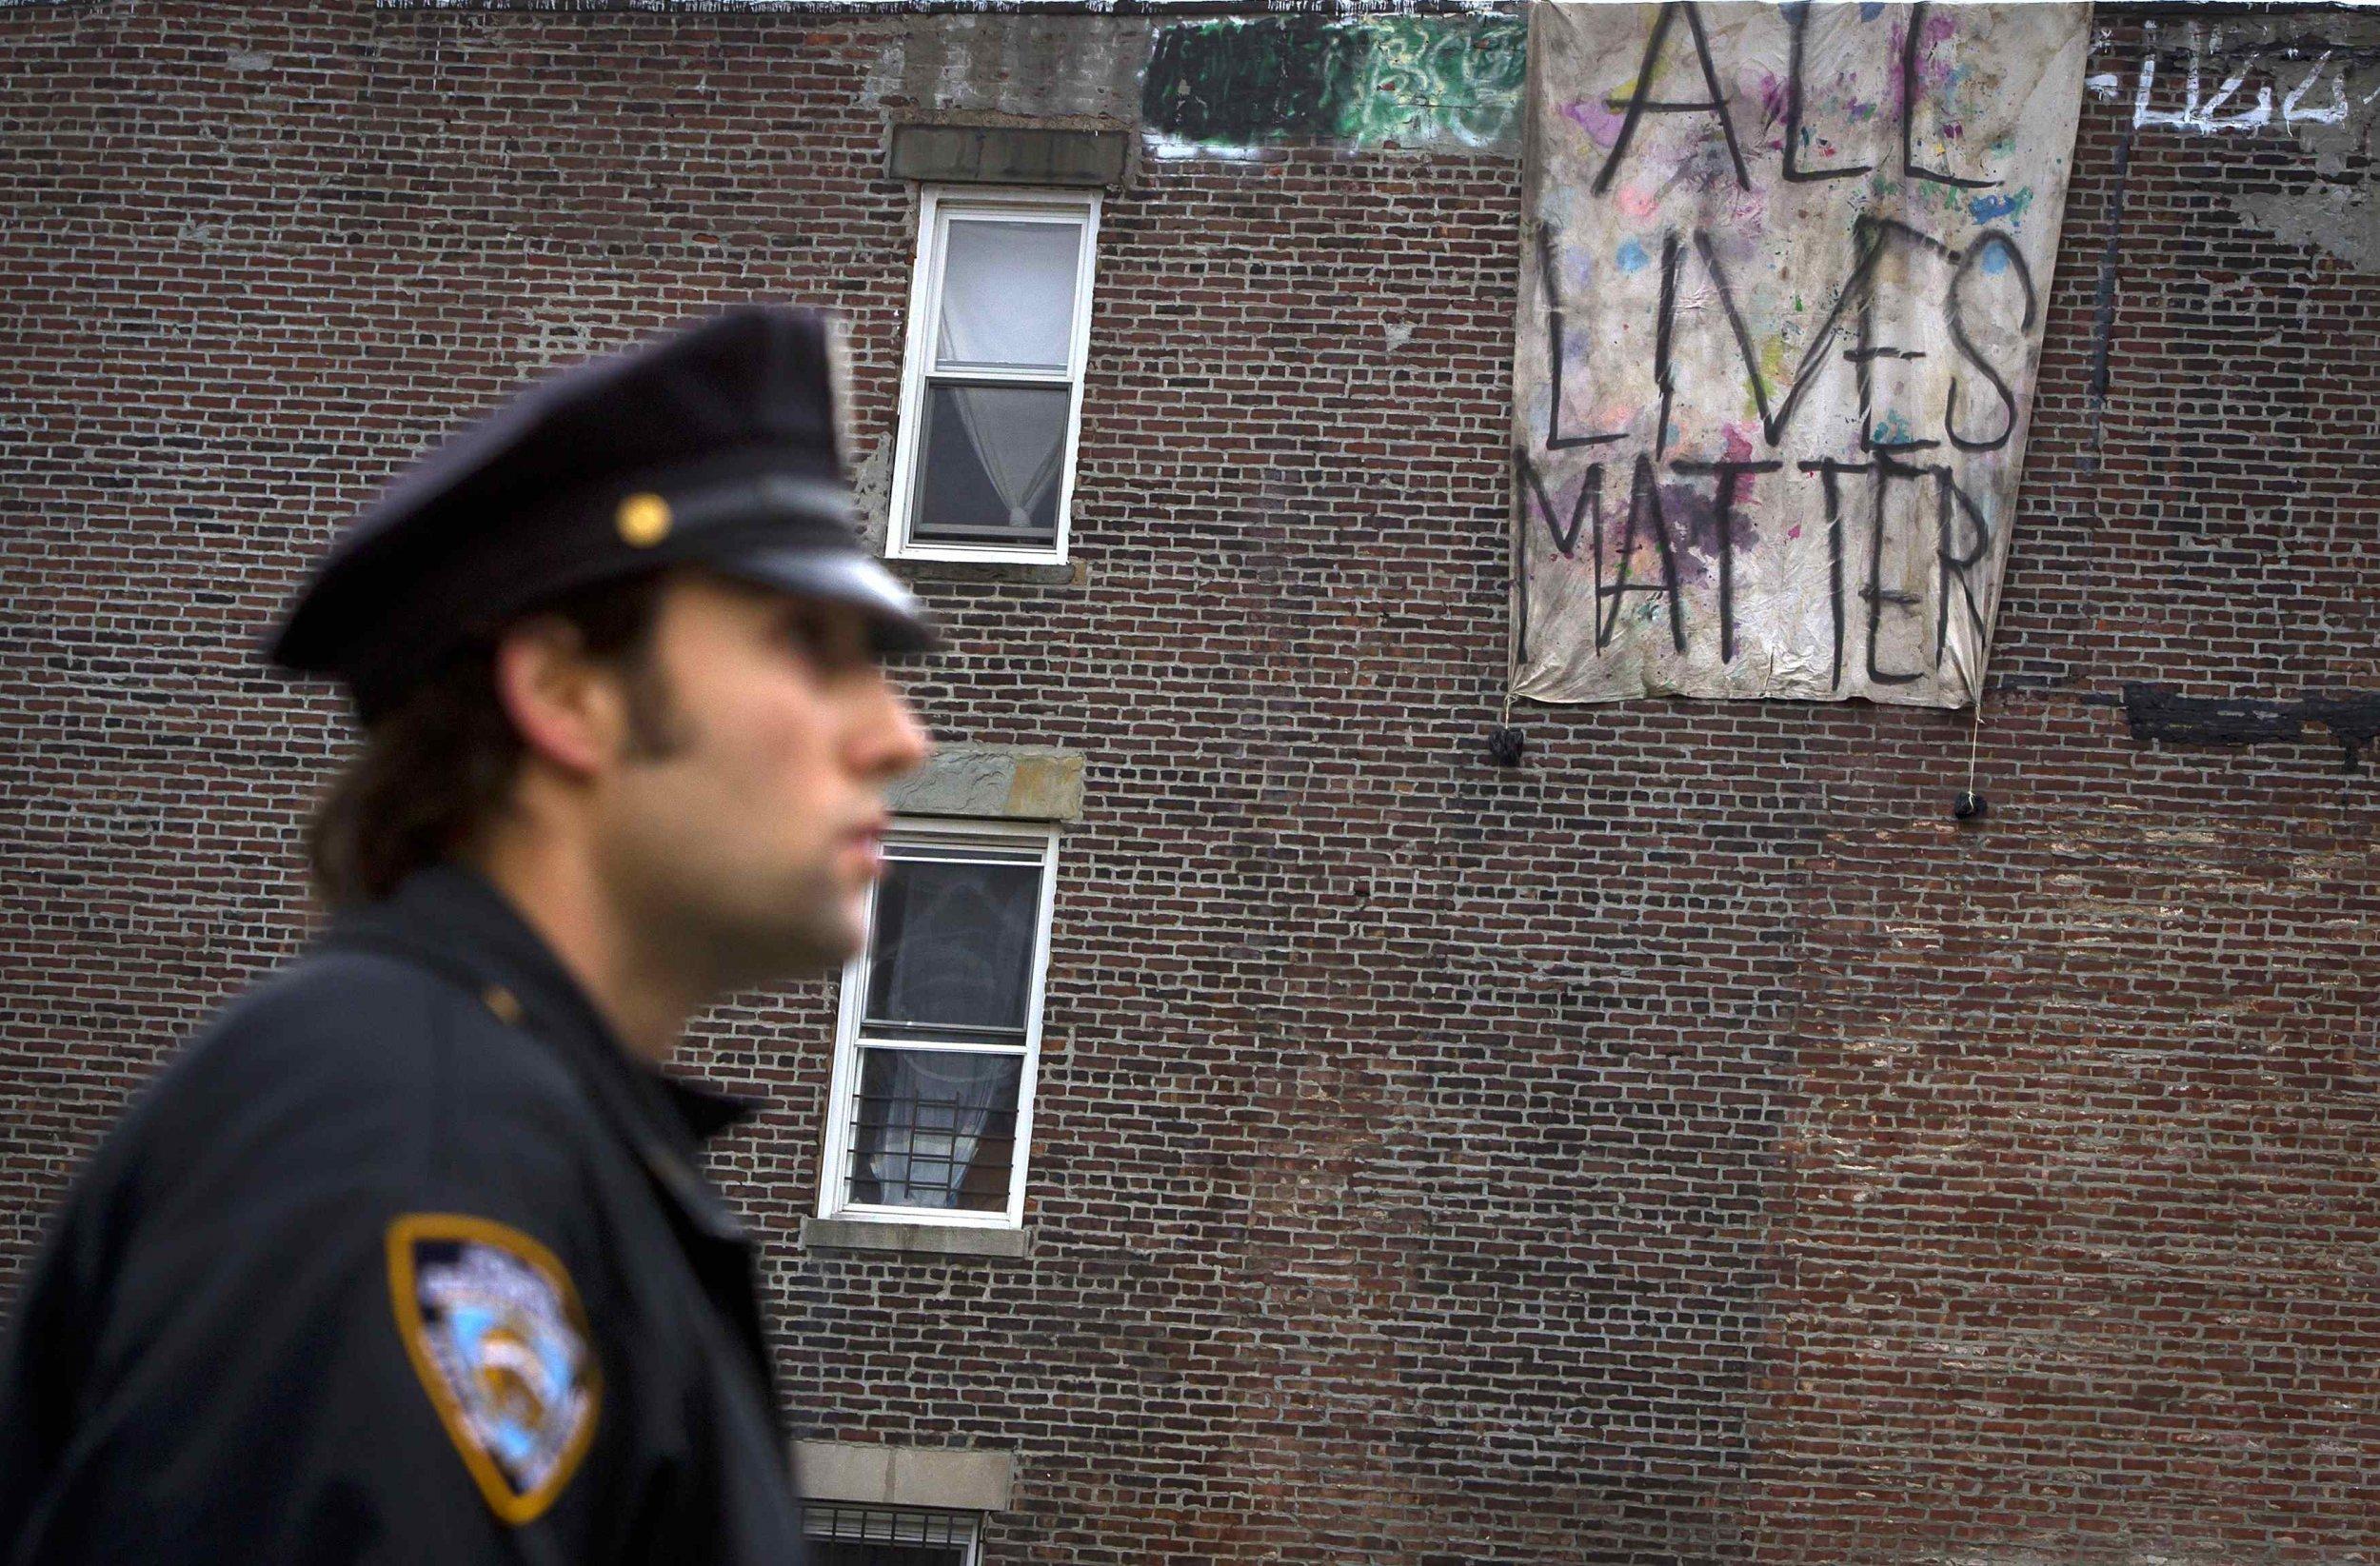 2014-12-23T172150Z_1_LYNXMPEABM0Q2_RTROPTP_4_USA-NEWYORK-POLICE